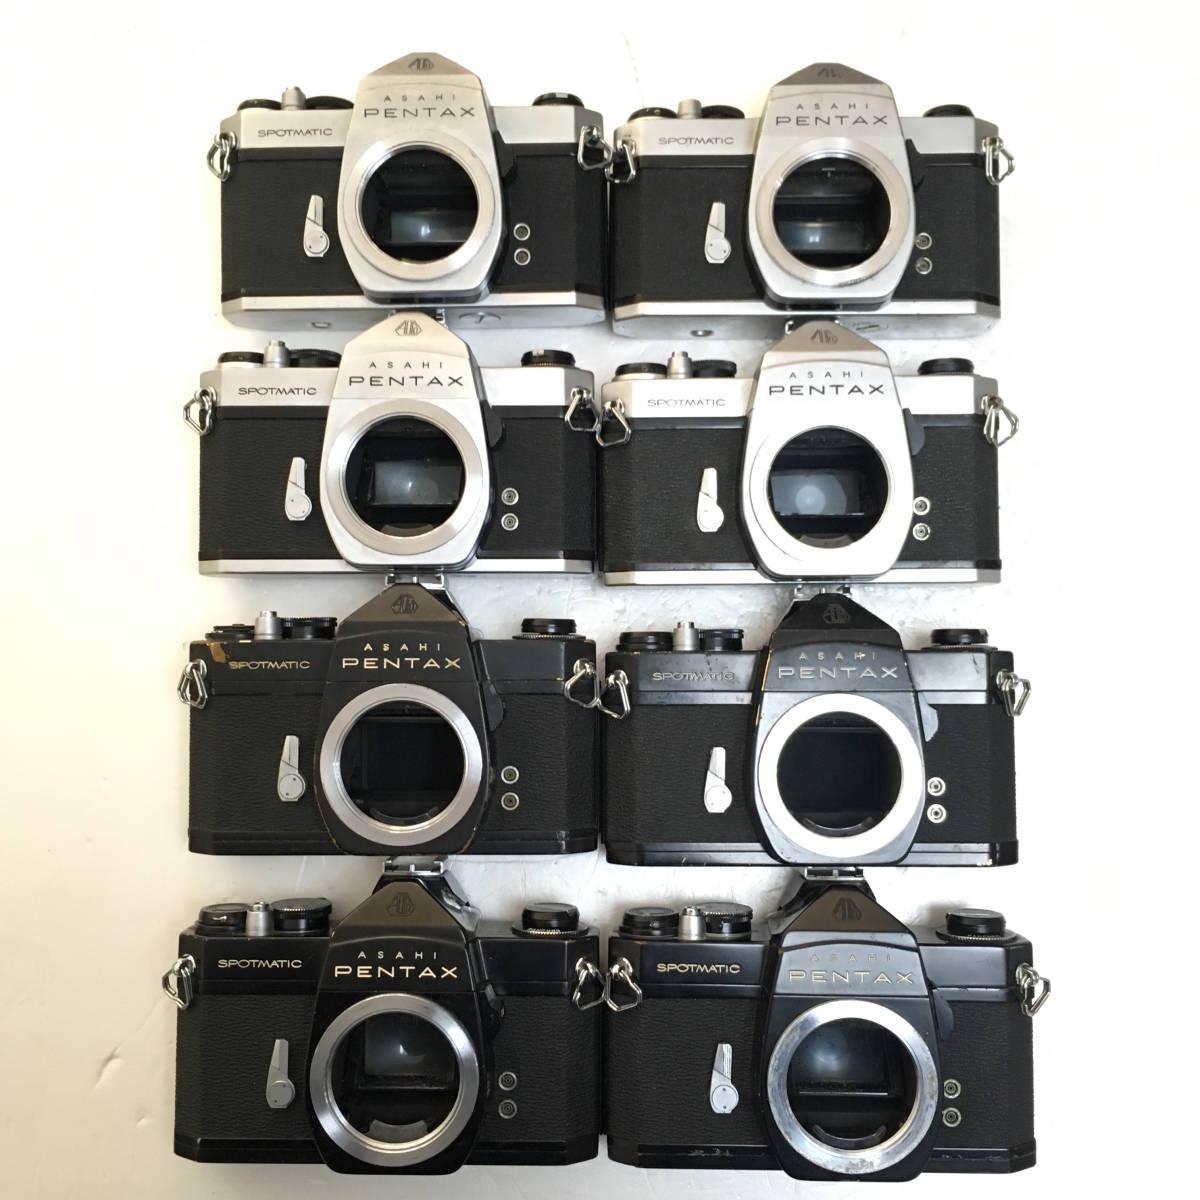 大好評! M42マウントカメラ 豪華24台セット 全てPENTAXです。 SP,SP2,SPF,SV,ES2等沢山_画像4